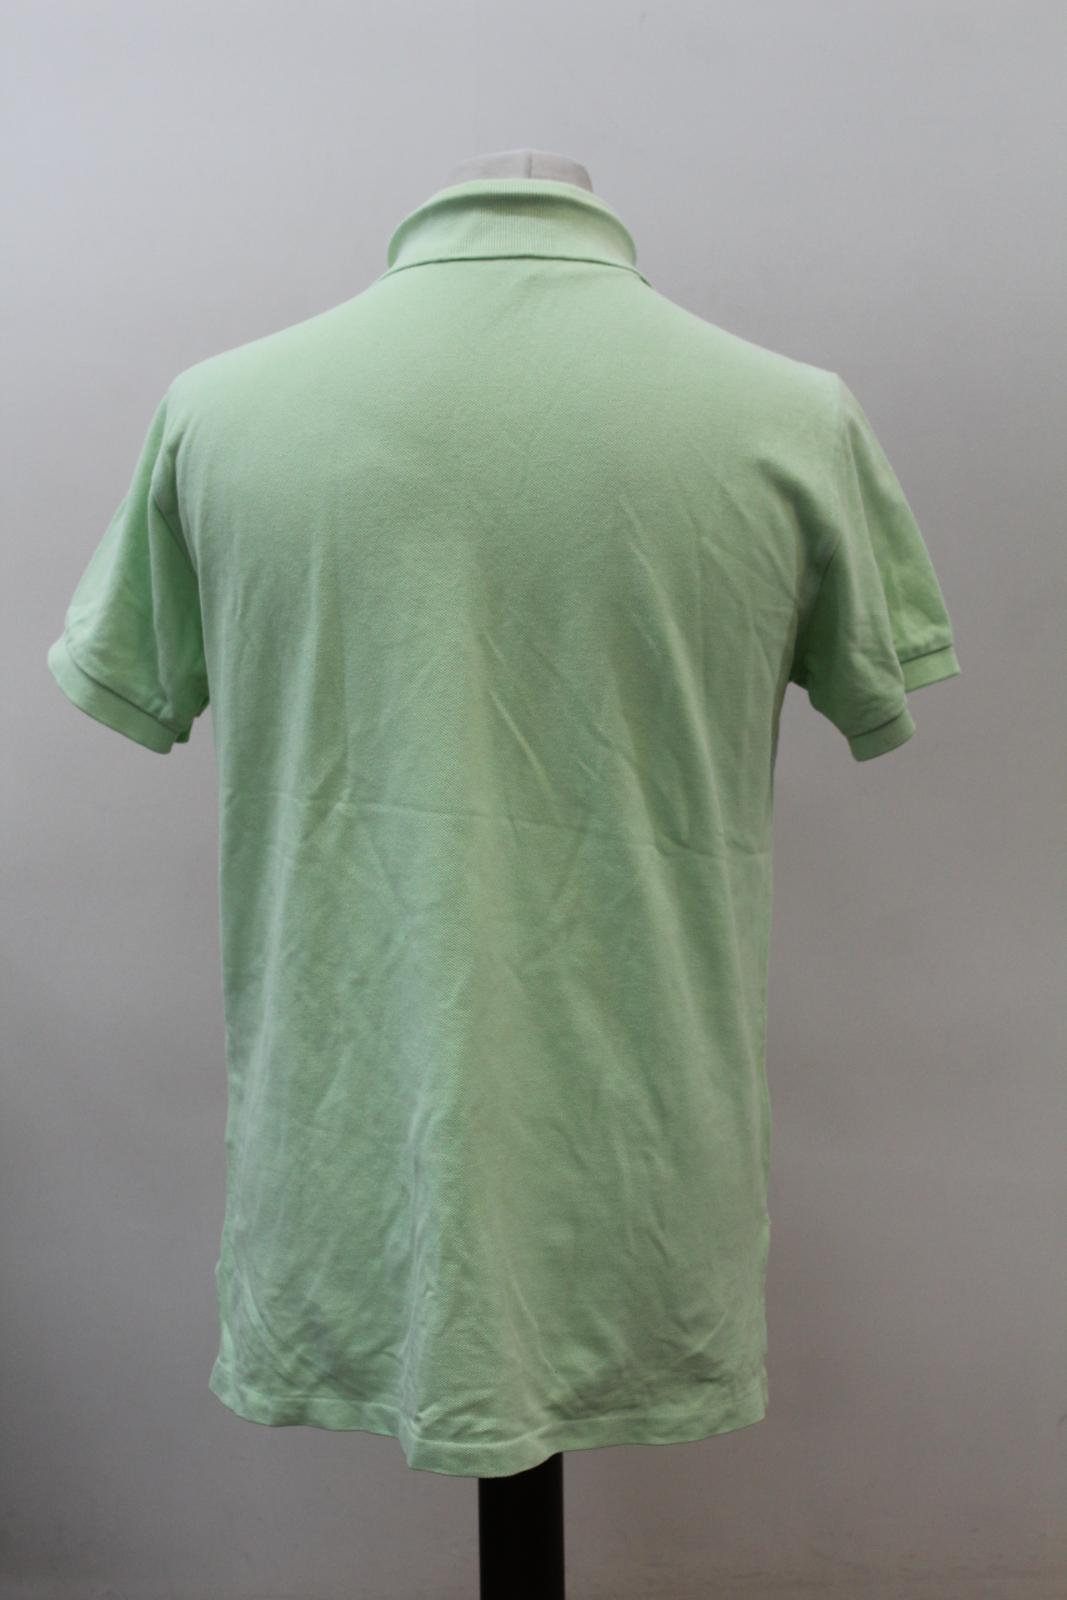 Polo-by-Ralph-Lauren-Hombre-Verde-De-Algodon-Manga-Corta-Con-Cuello-Camisa-Polo-Talla-L miniatura 5